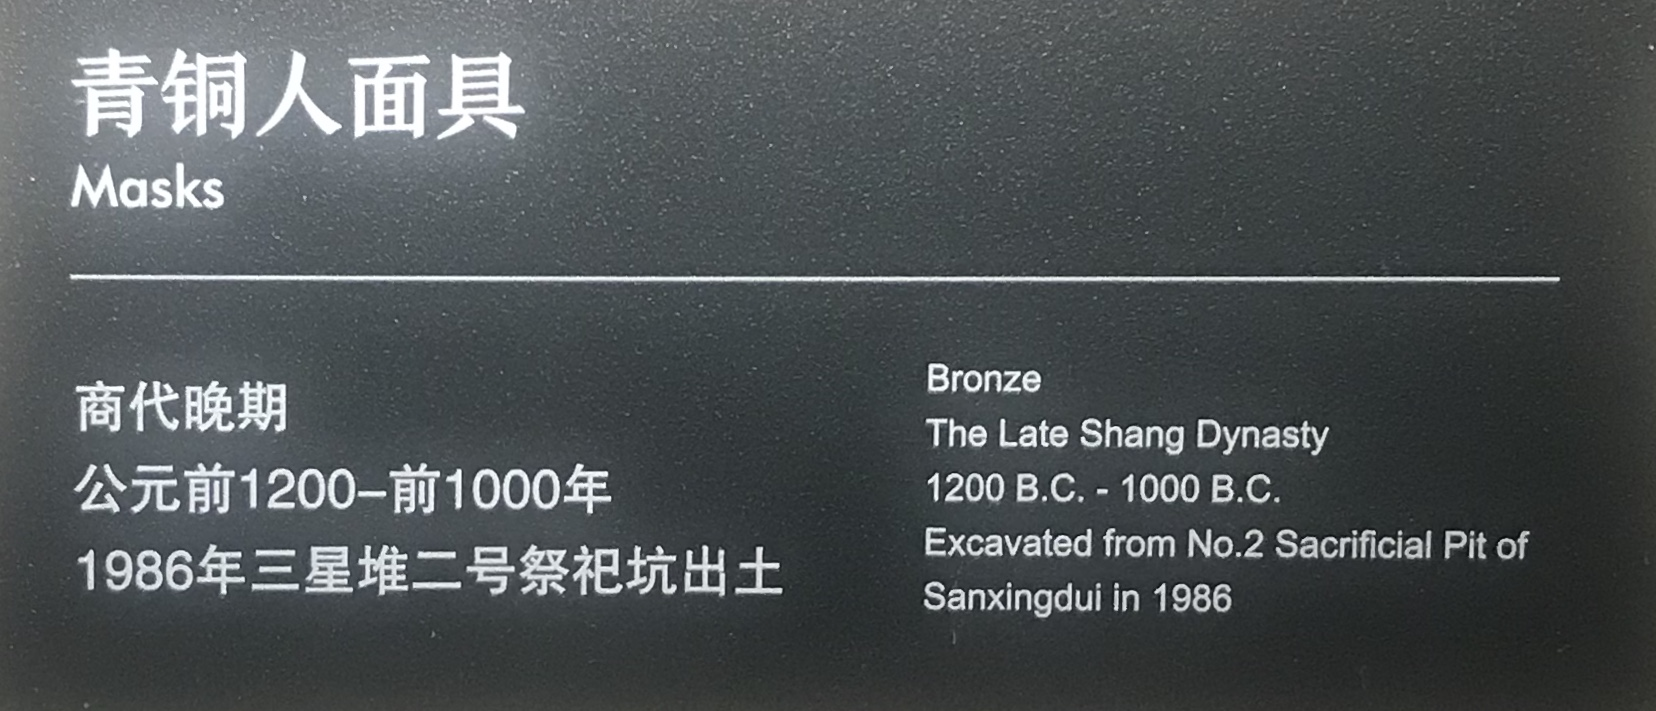 青銅人面具2-青銅器館-三星堆博物館-広漢市-徳陽市-四川省